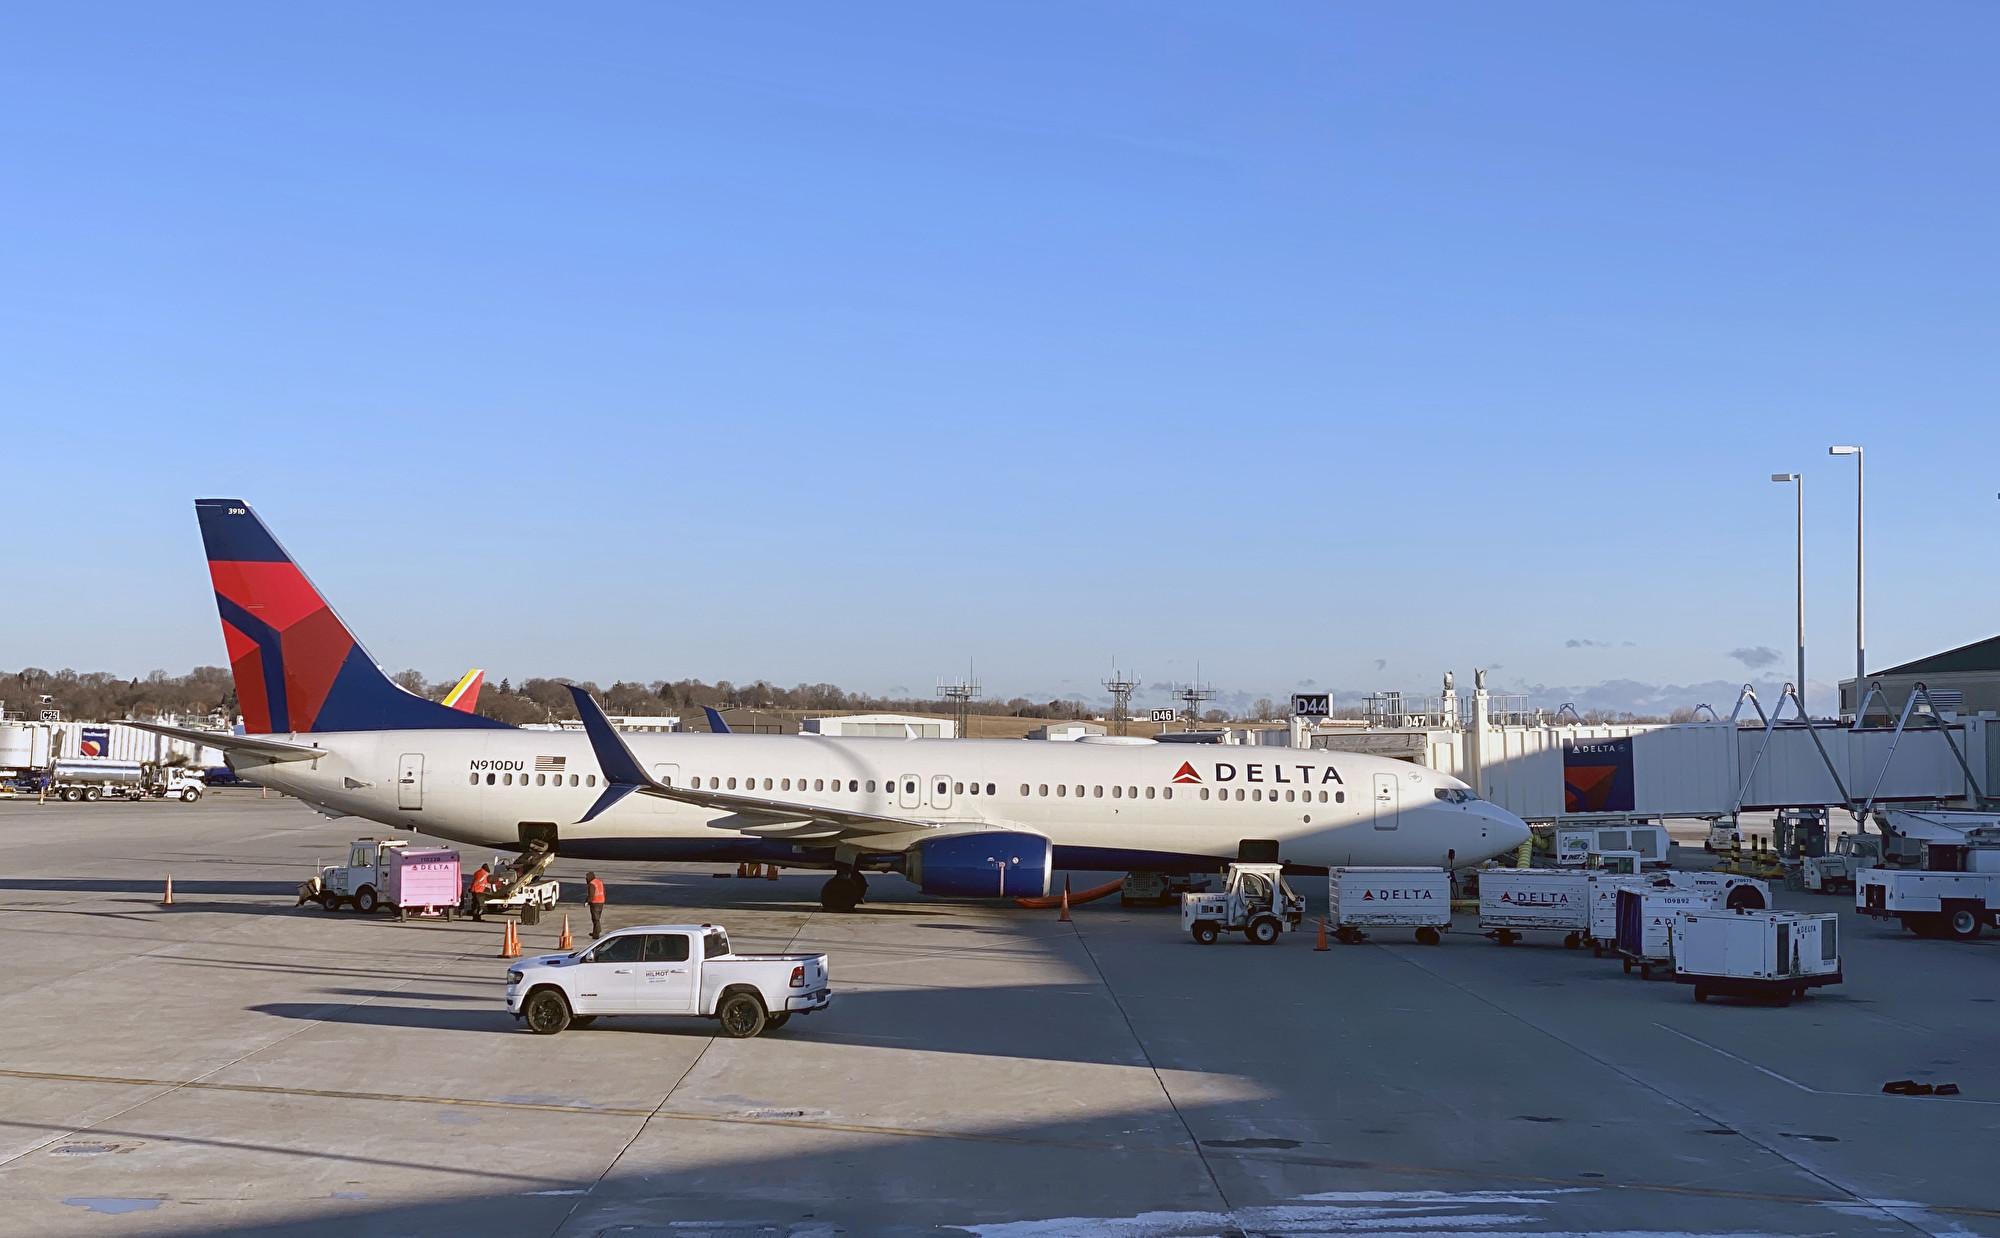 【更新】憂中共肺炎 航空公司停飛中國一覽